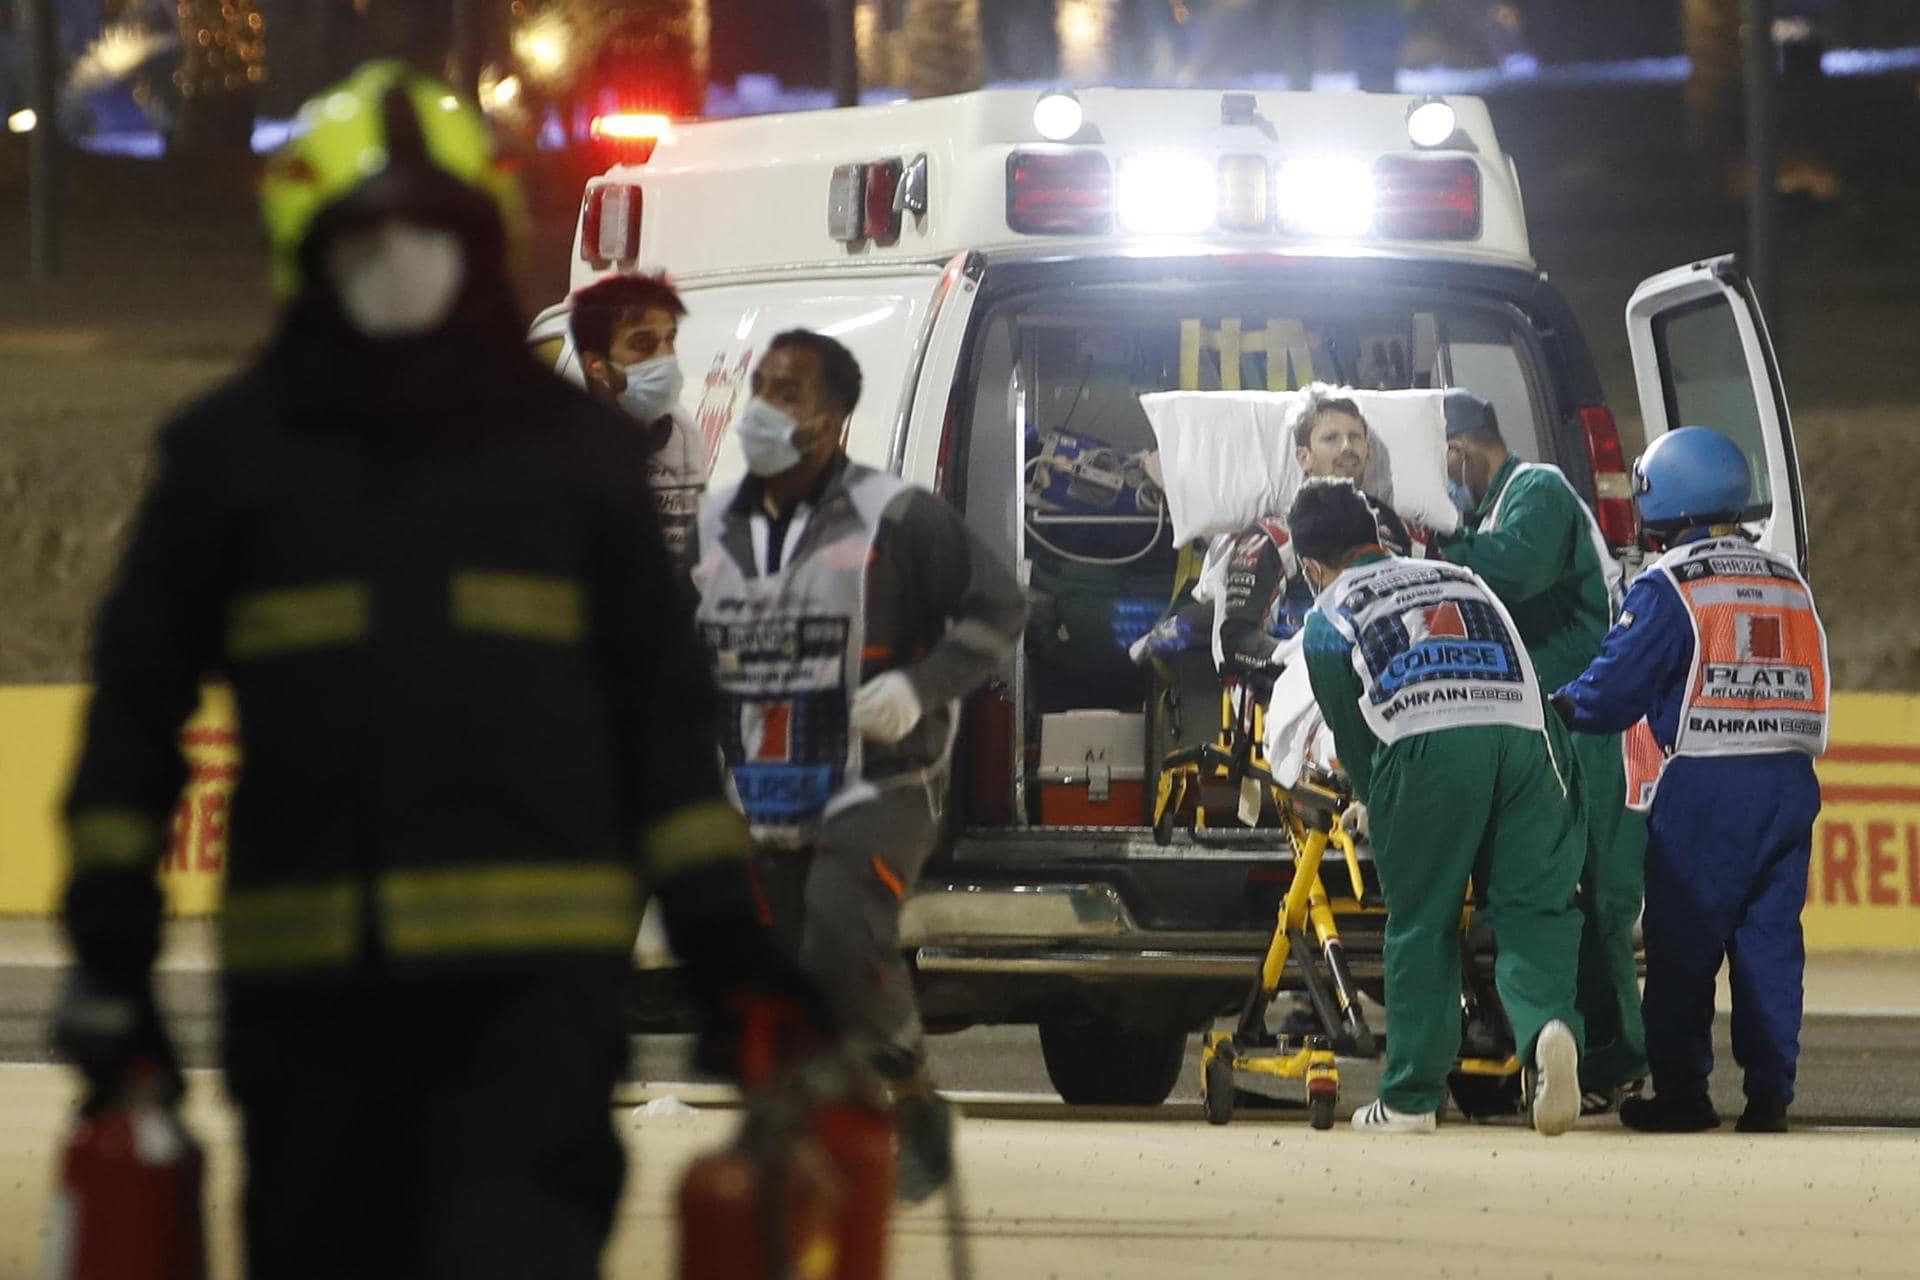 Grosjean-«Schocker» als «kraftvolle Mahnung» für Formel 1 Feuer-Unfall in Bahrain